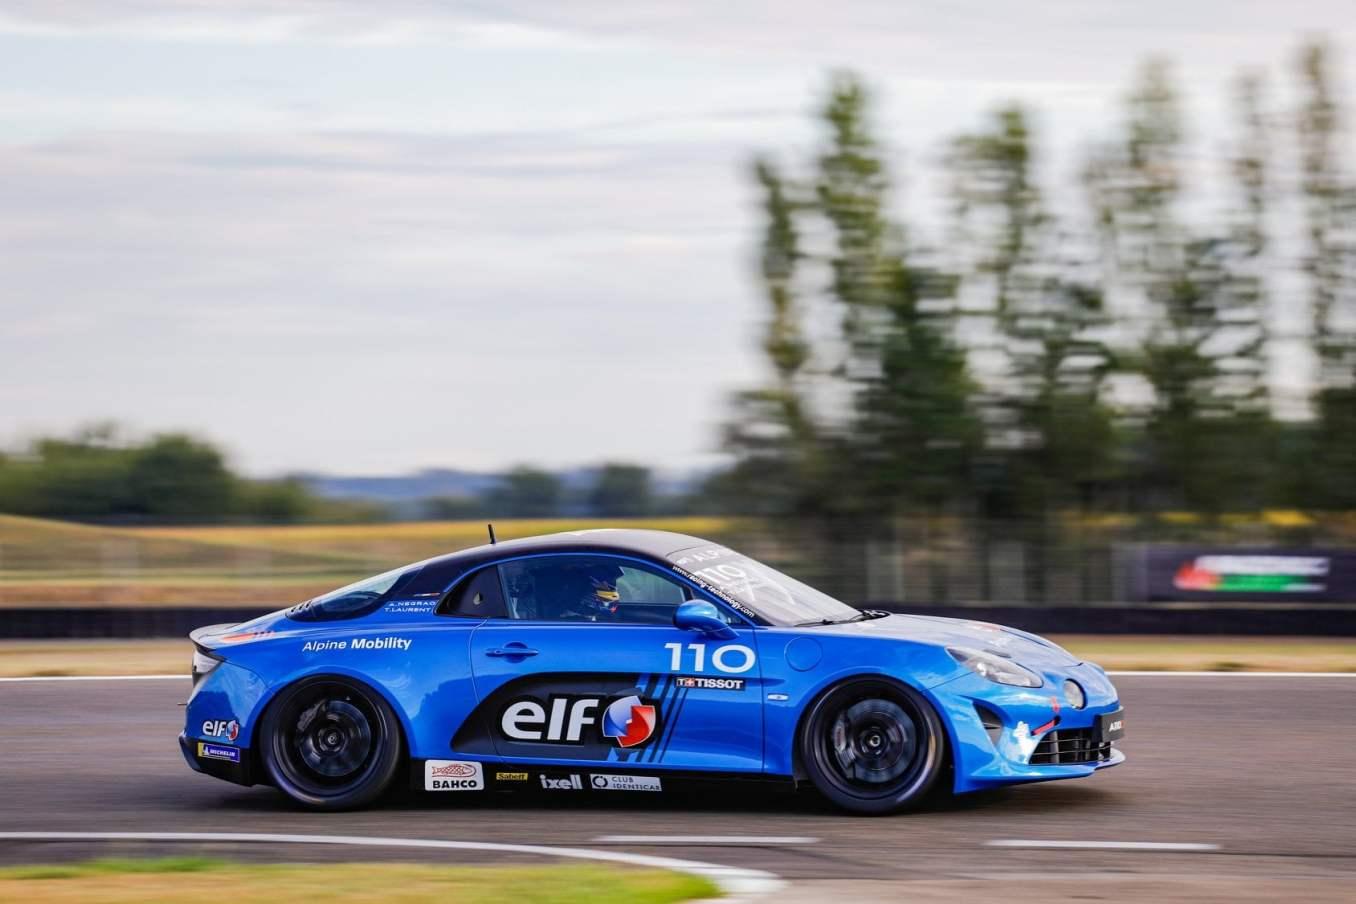 Alpine A110 CUP Nogaro 2020 DPPI 20 | [Officiel] Luca De Meo annonce la naissance d'Alpine F1® Team en 2021